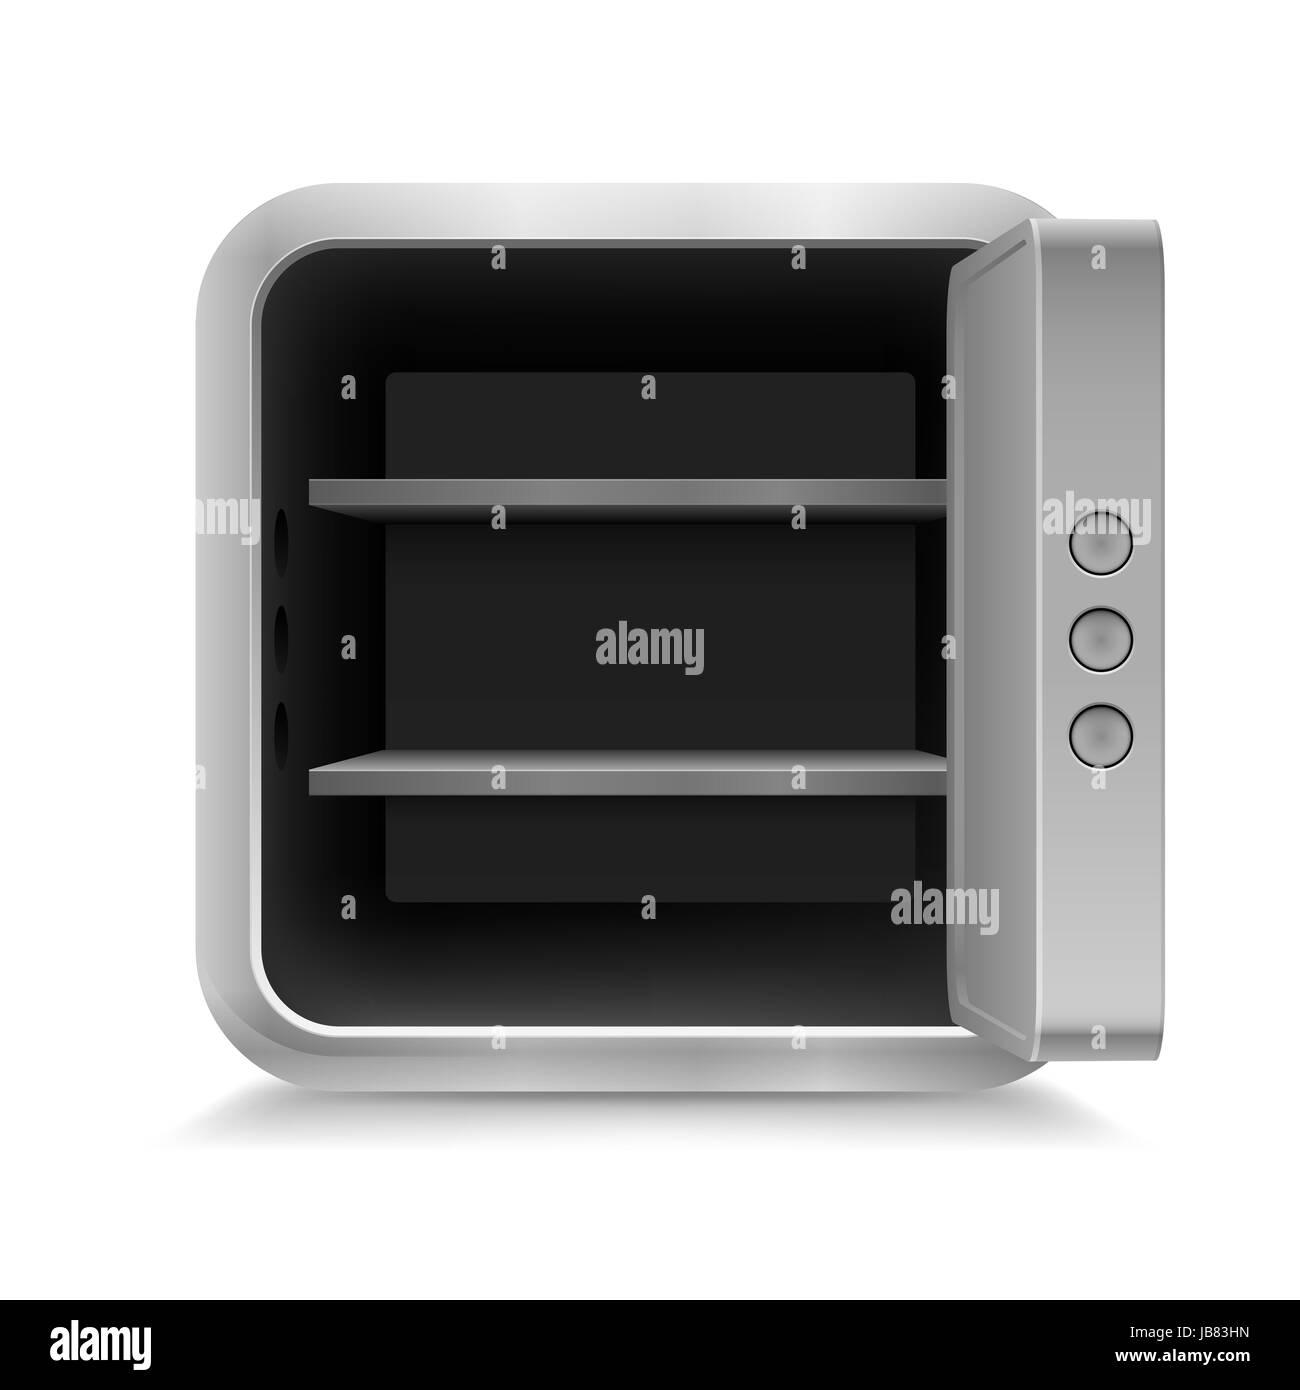 Illustration of open empty safe on white background - Stock Image